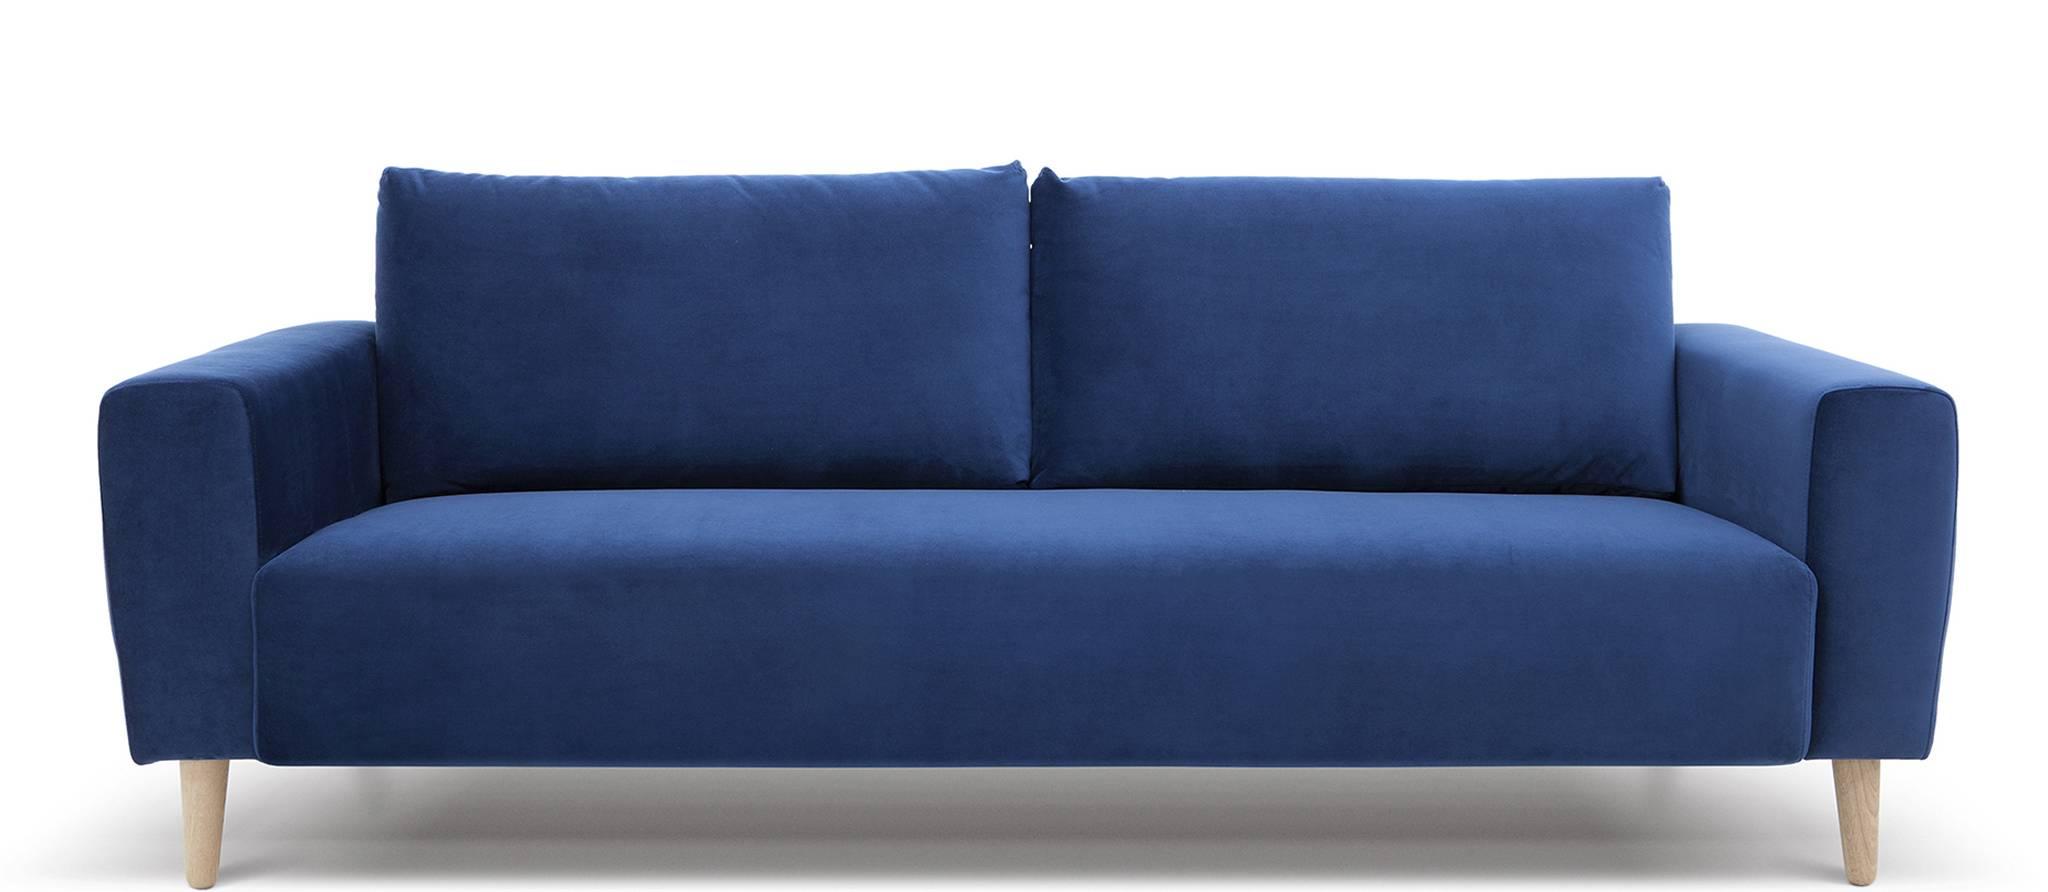 Achat local comment trouver des meubles faits ici   Protégez Vous.ca